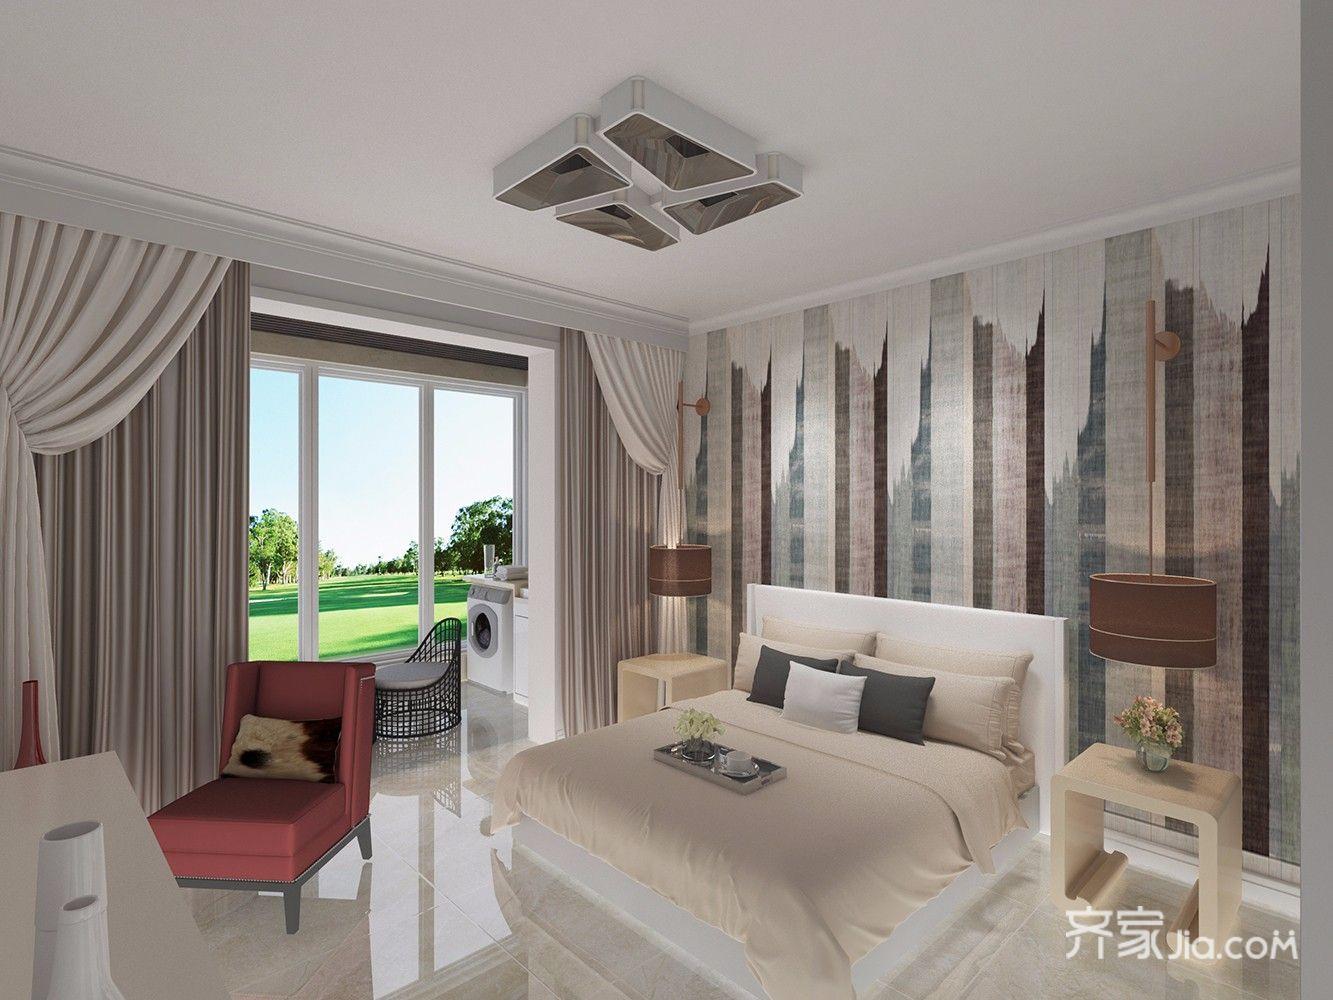 138平混搭风格三居卧室装修设计图